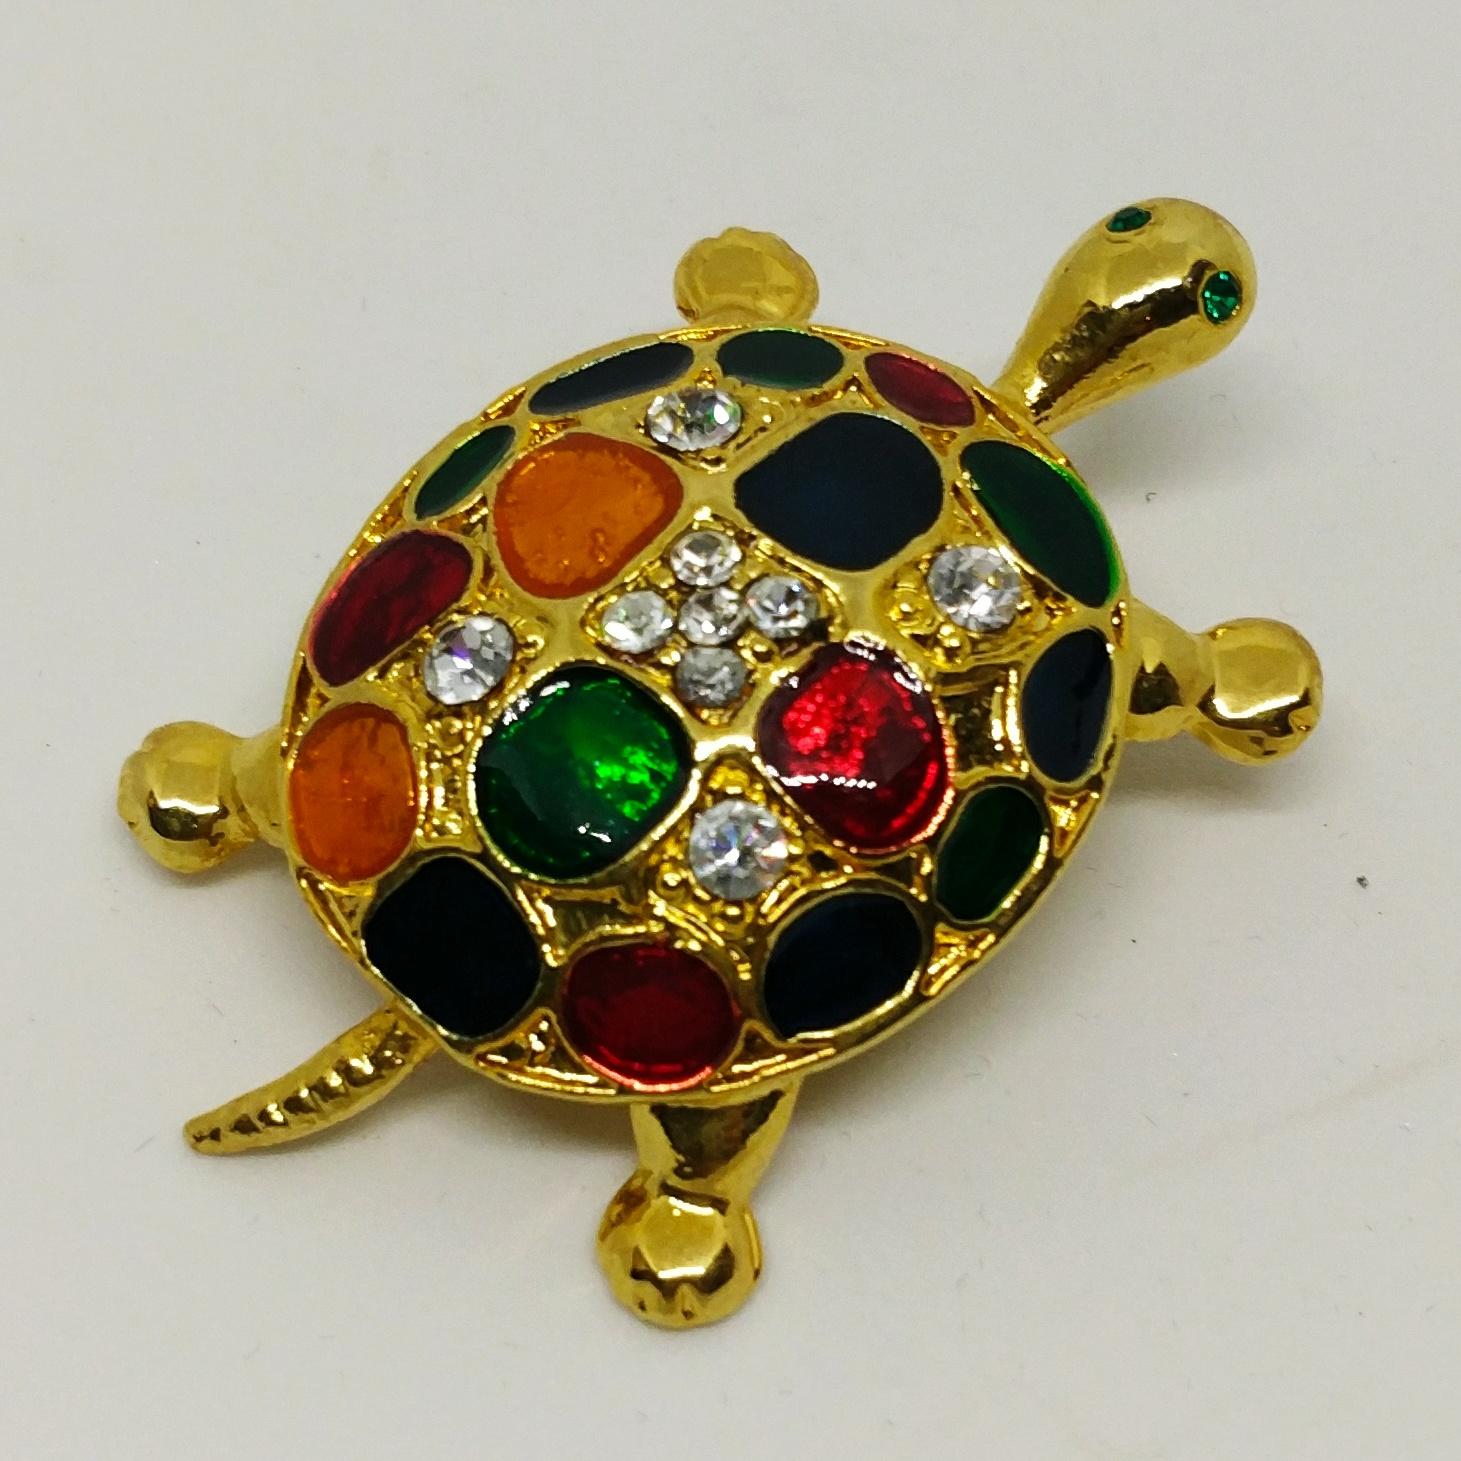 烏龜胸針 (彩繪鑲嵌玻璃)